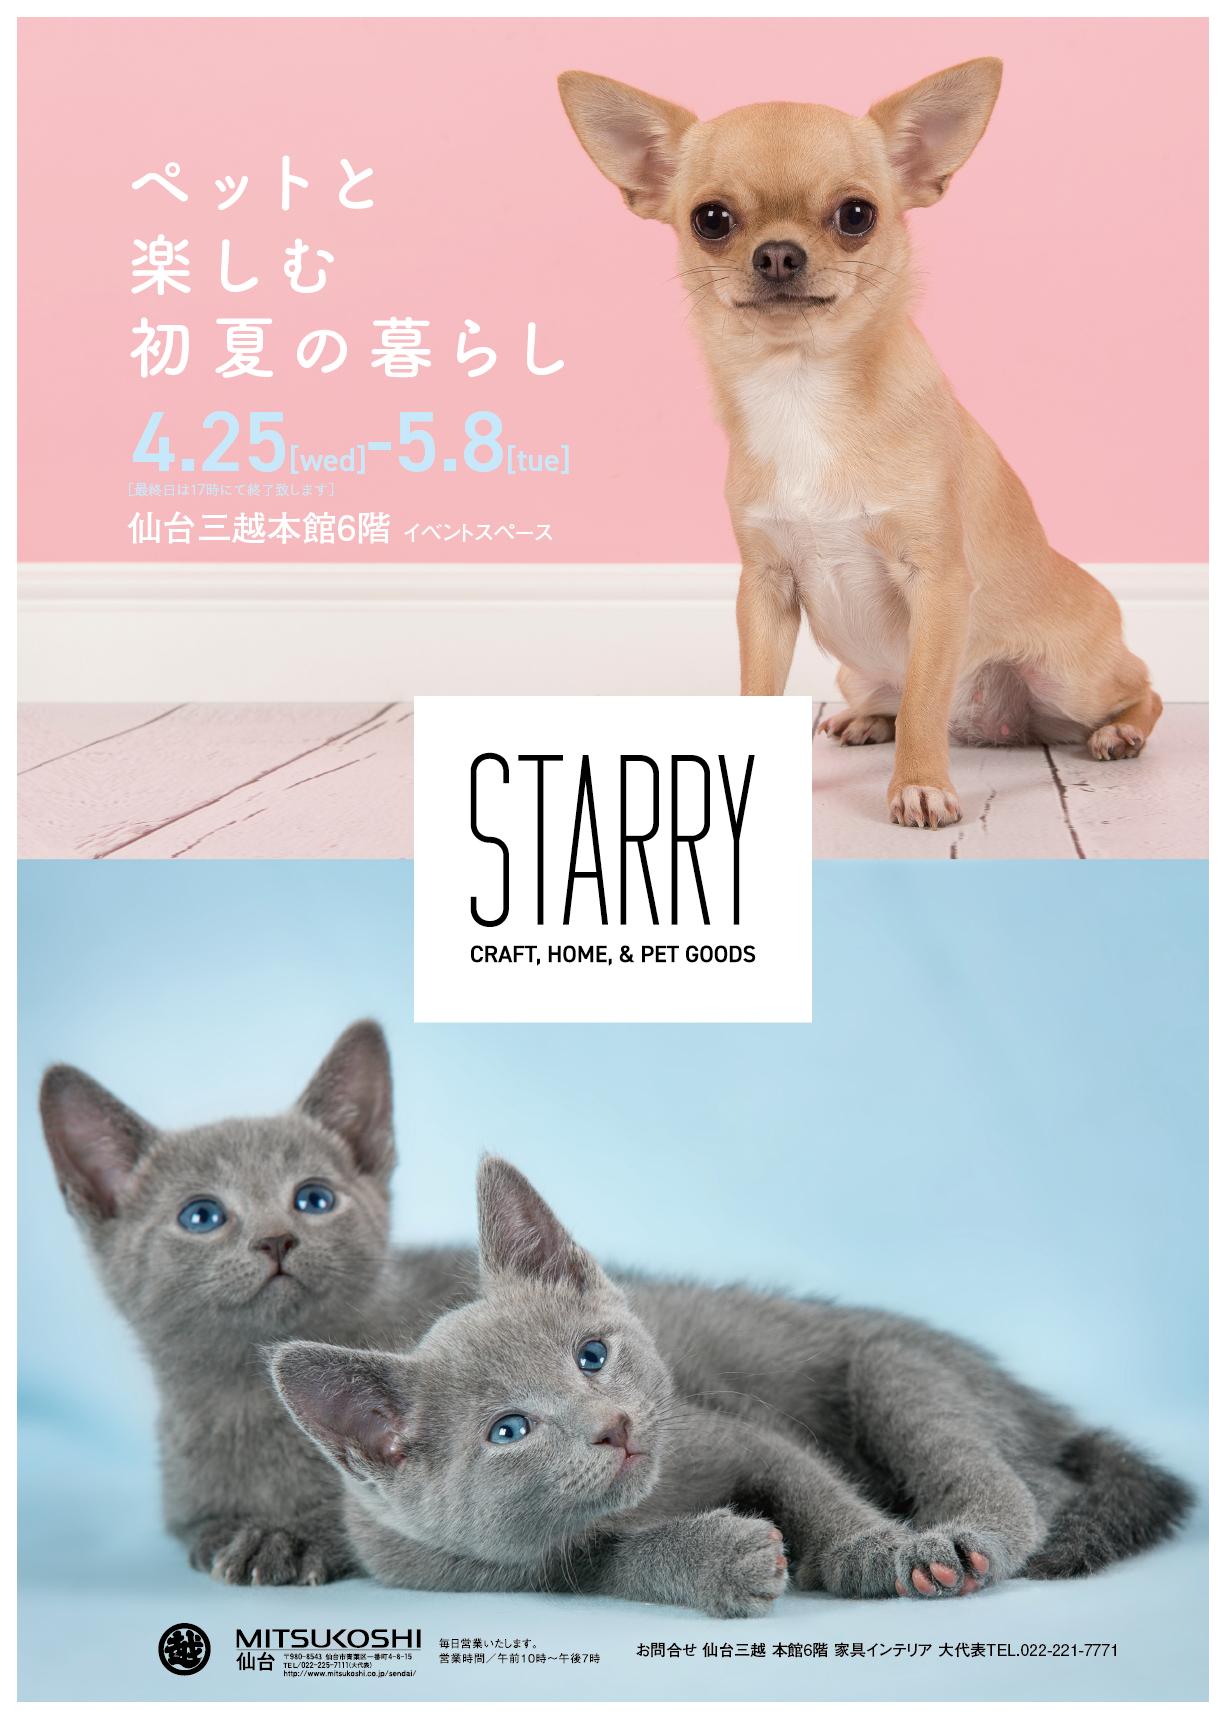 STARRY,ペット